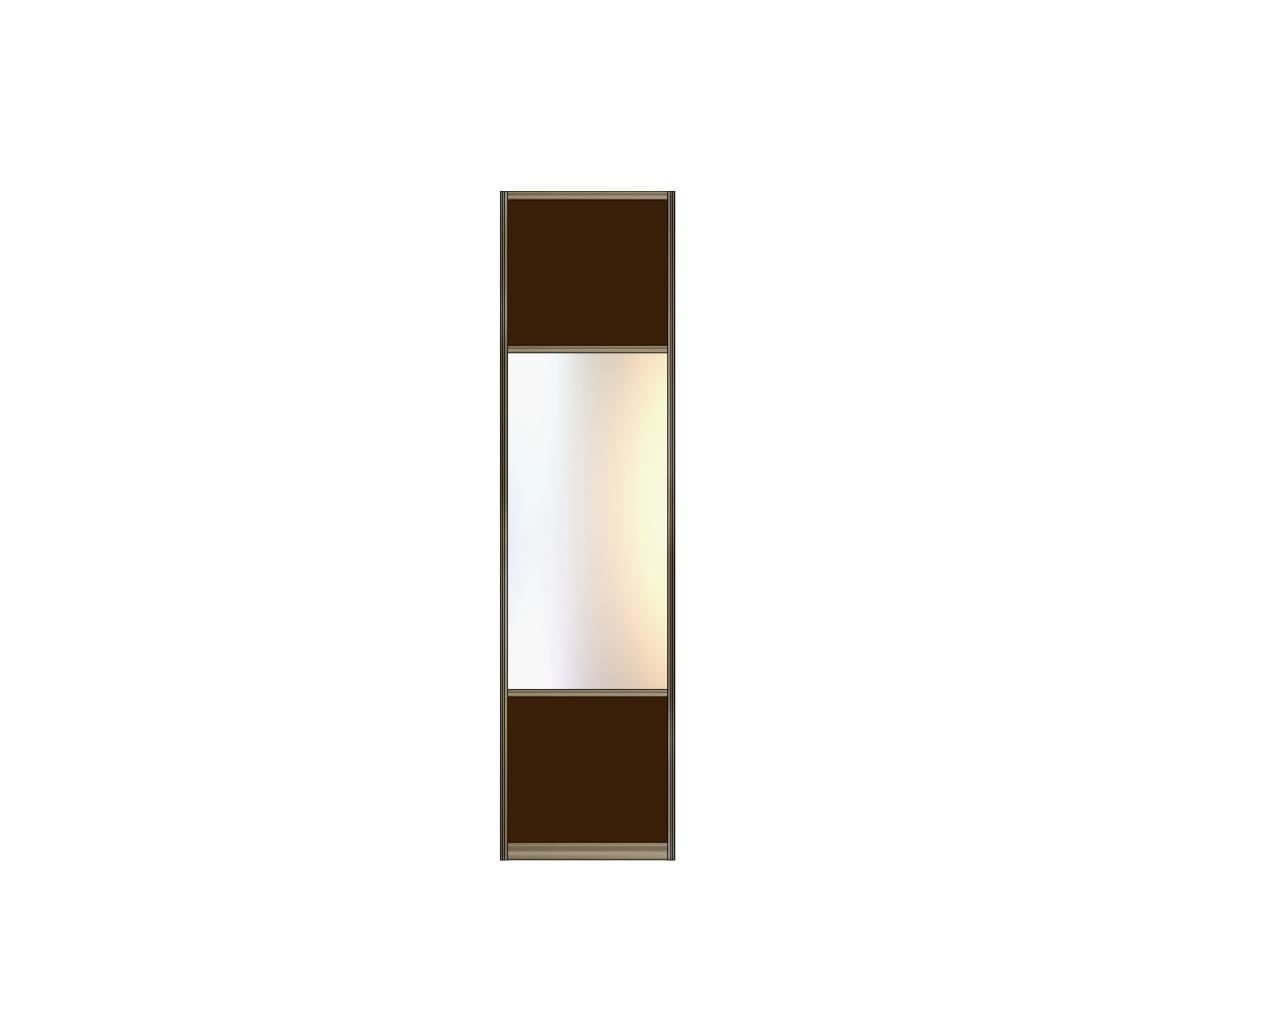 Модель 13 Стекло с плёнкой-Зеркало серебро-Стекло с пленкой 550 мм